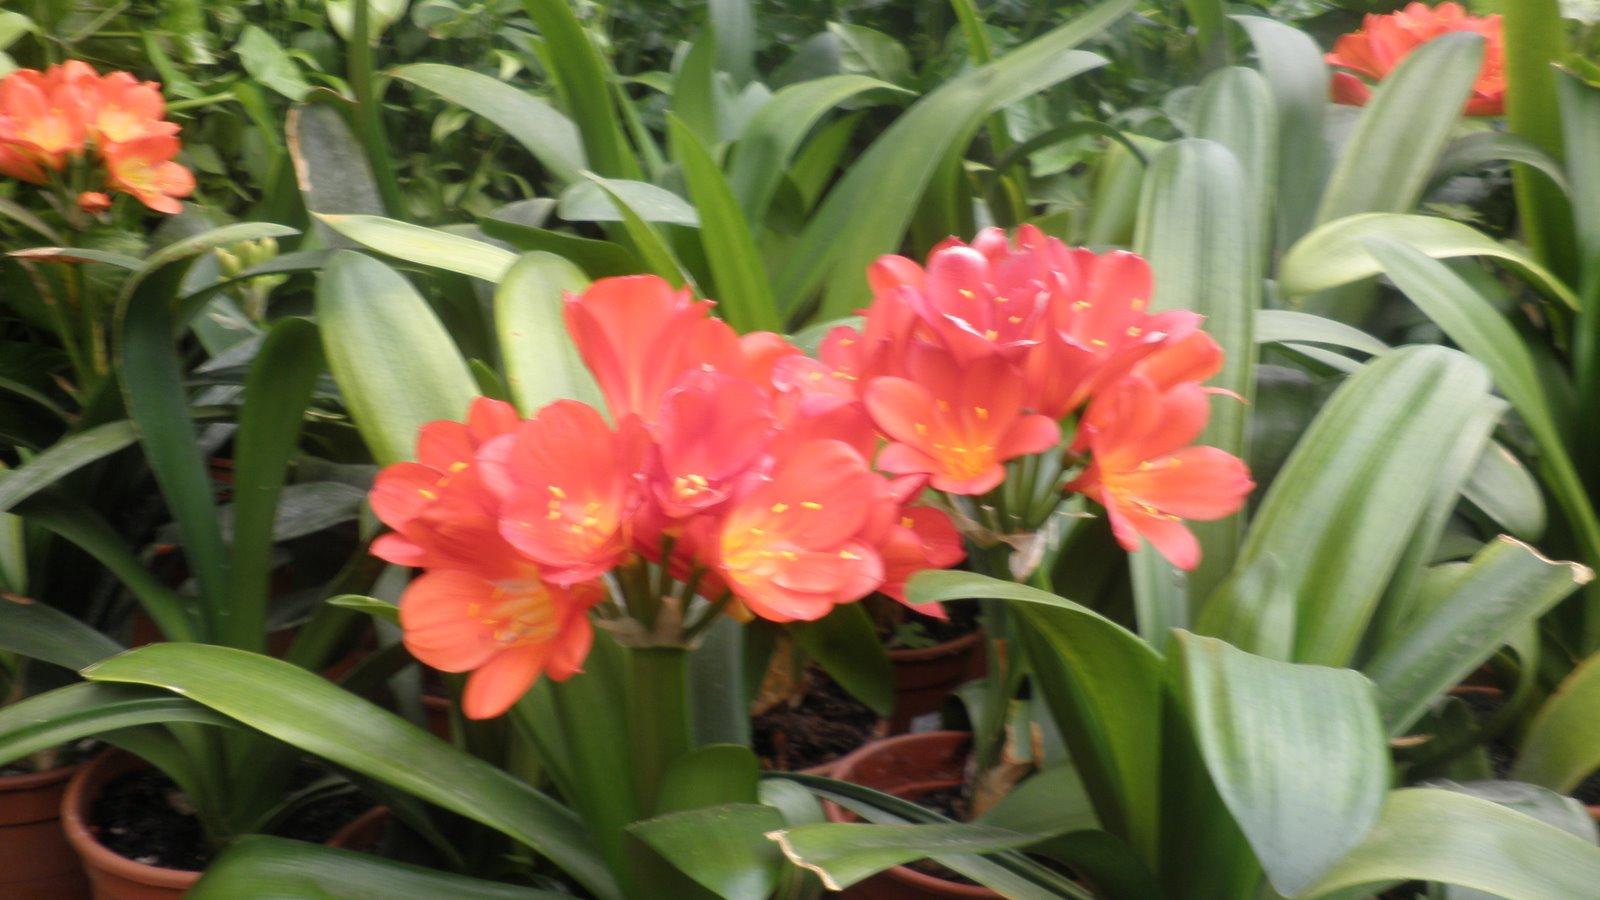 Jardinbio plantas y especies para jardines en m laga - Plantas para jardineras al sol ...